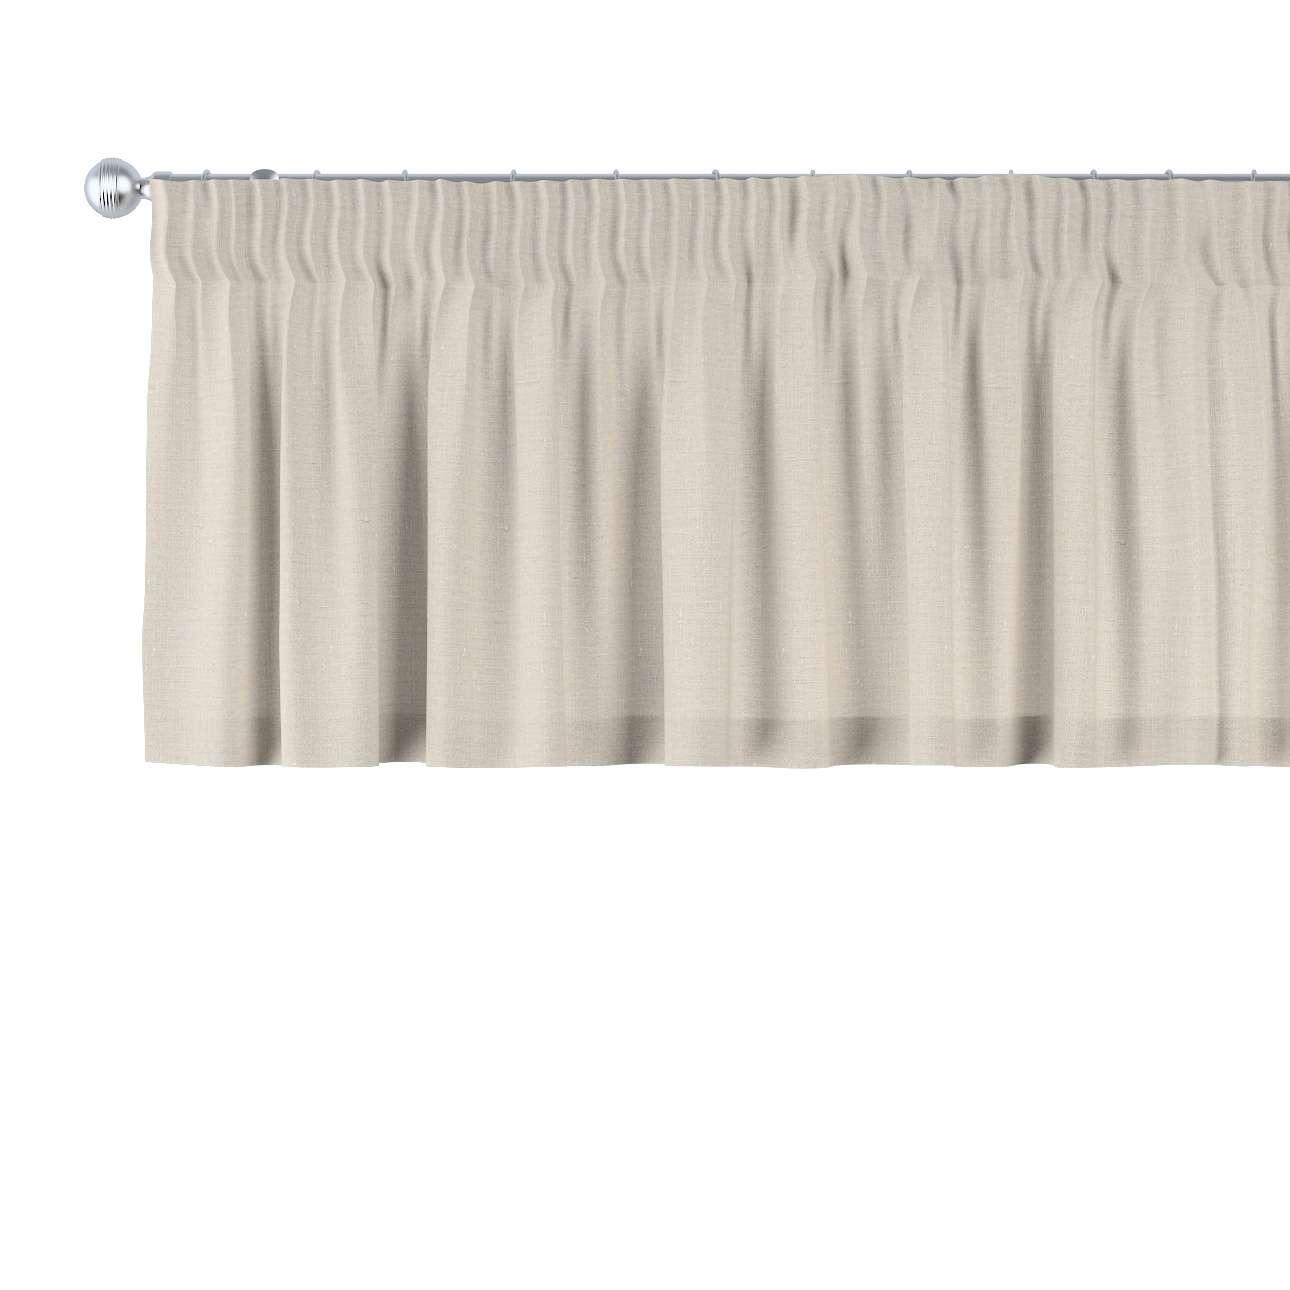 Kurzgardine mit Kräuselband 130 x 40 cm von der Kollektion Leinen, Stoff: 392-05